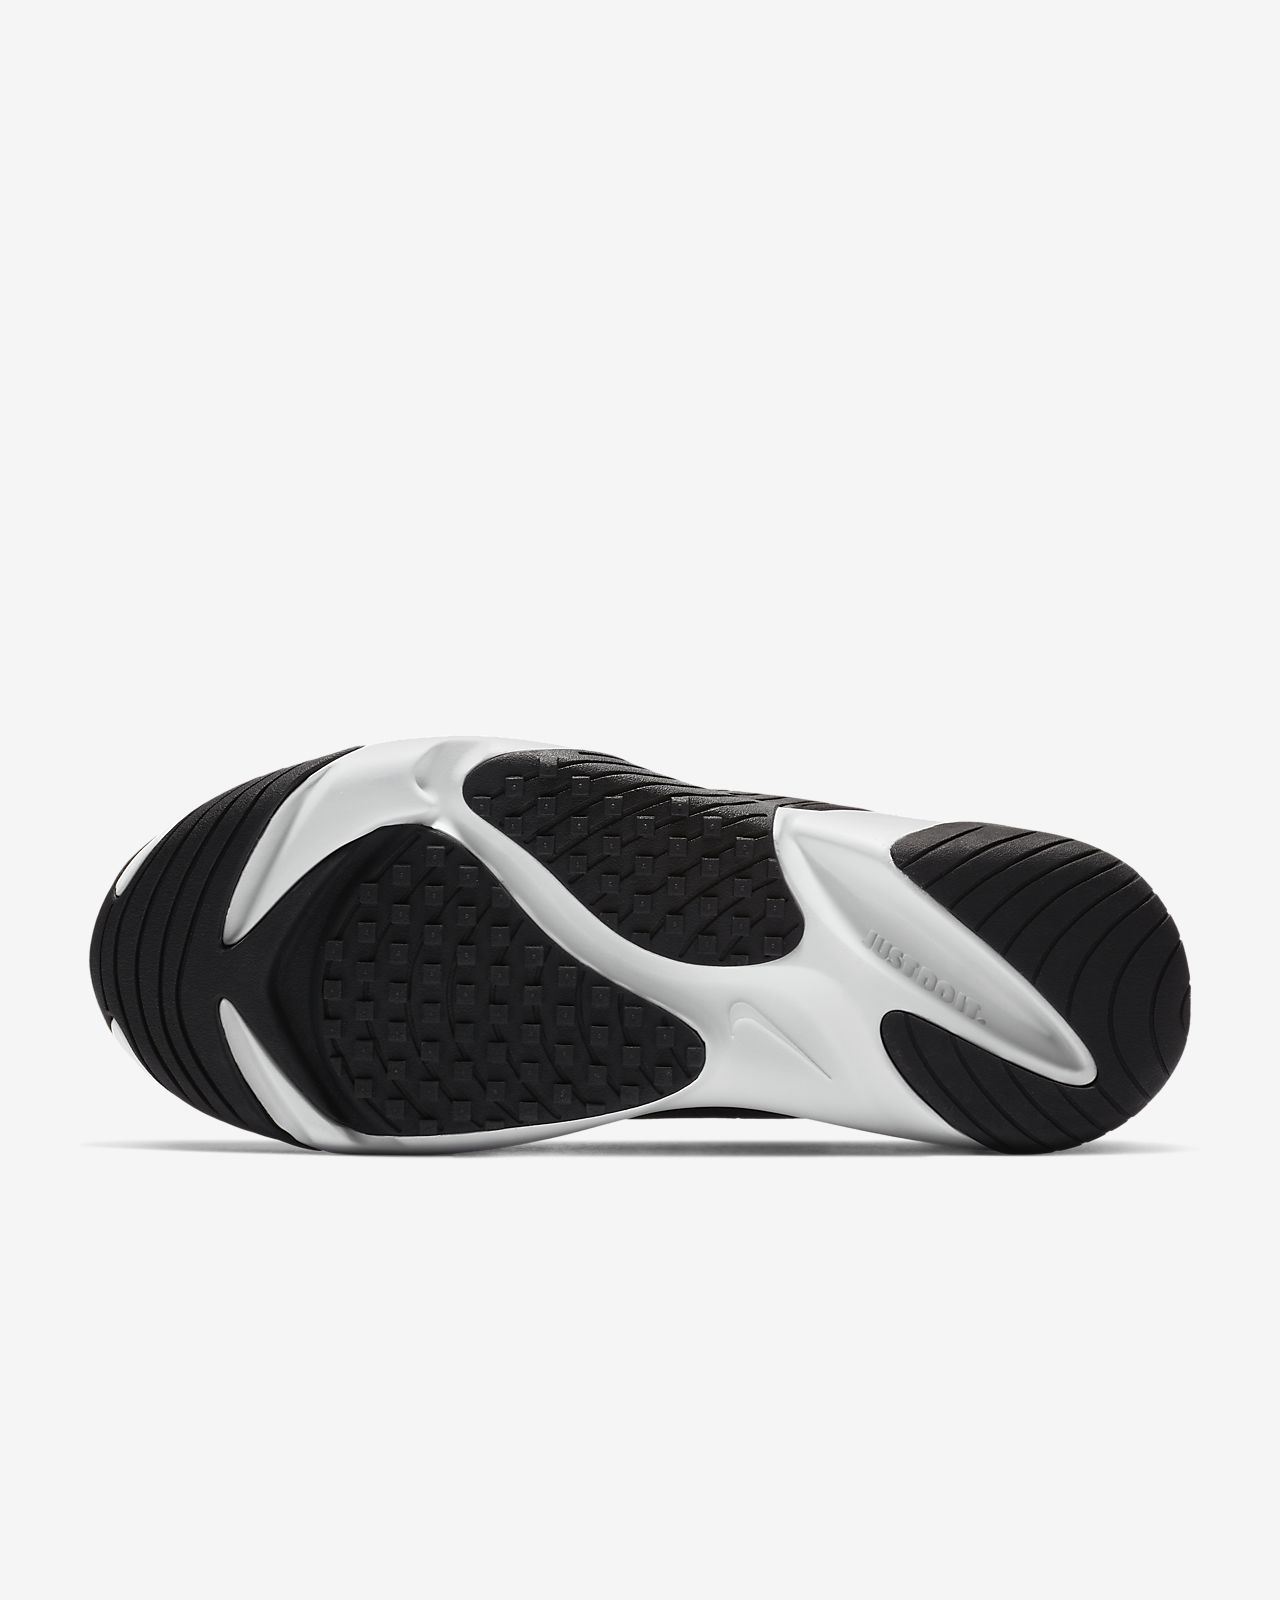 824bf0c57 Женские кроссовки Nike Zoom 2K. Nike.com RU